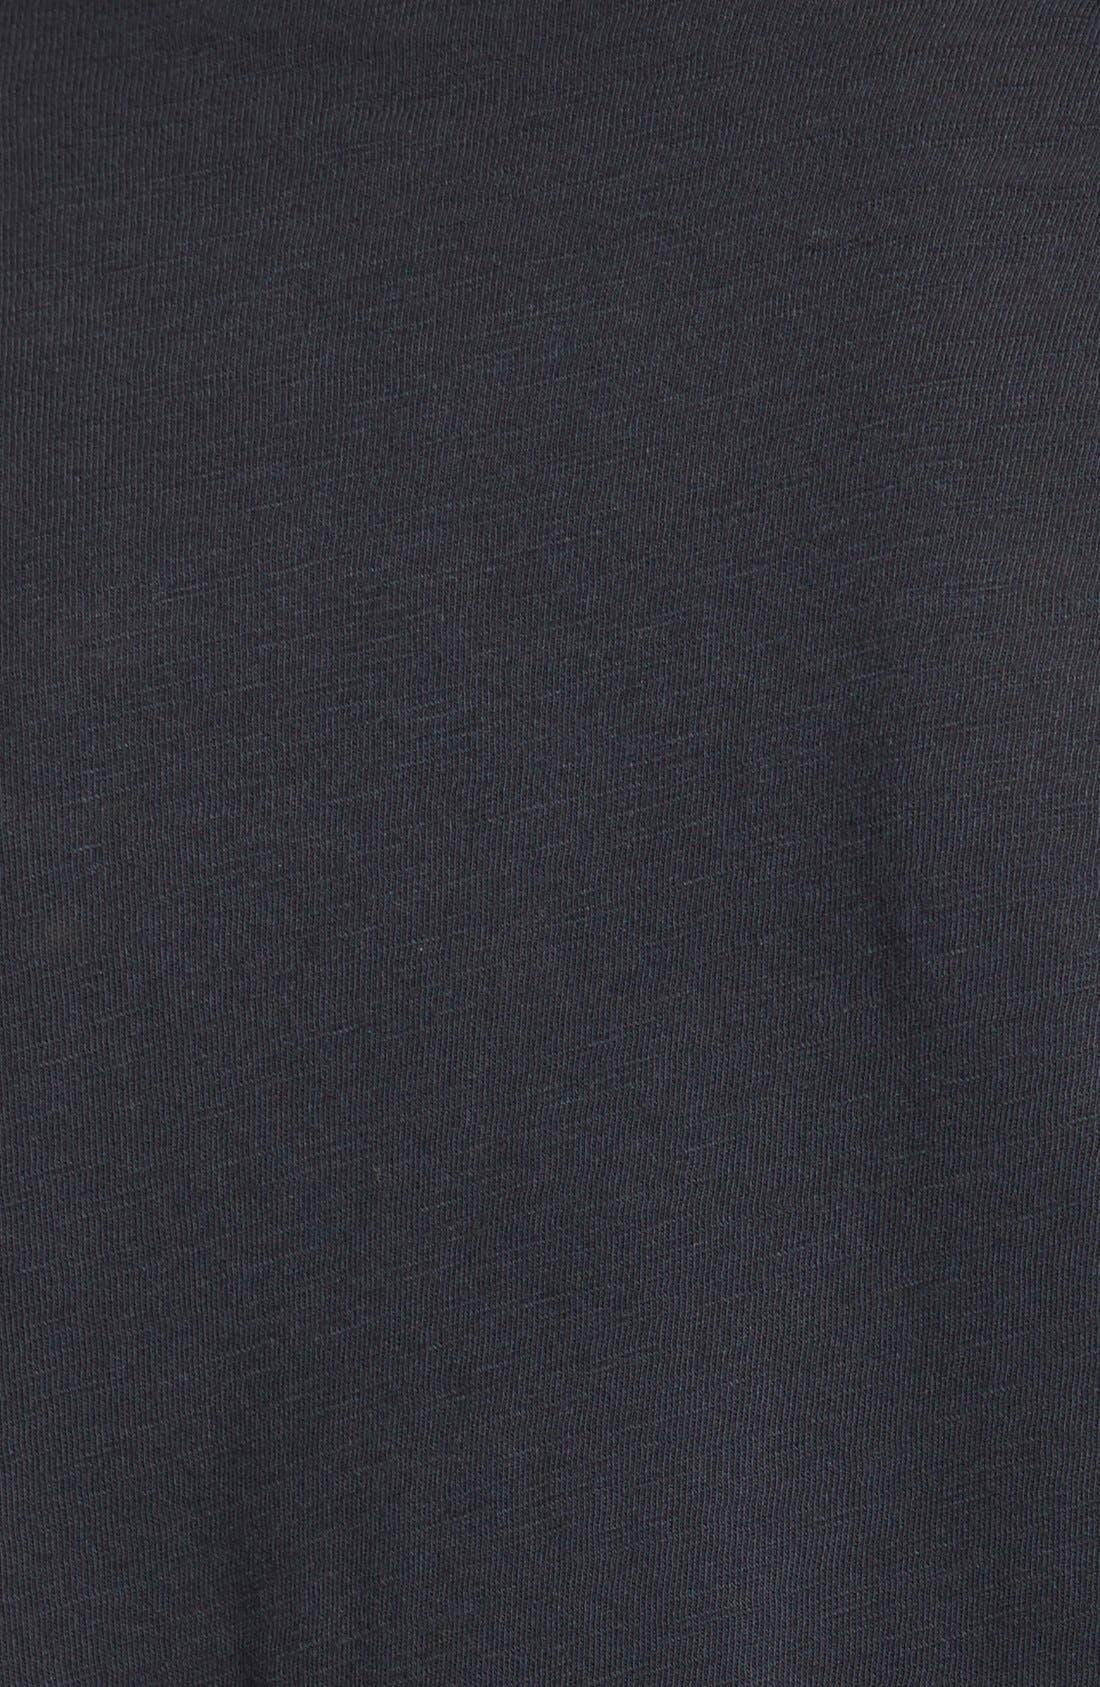 Alternate Image 3  - Splendid Long Sleeve Raglan Top